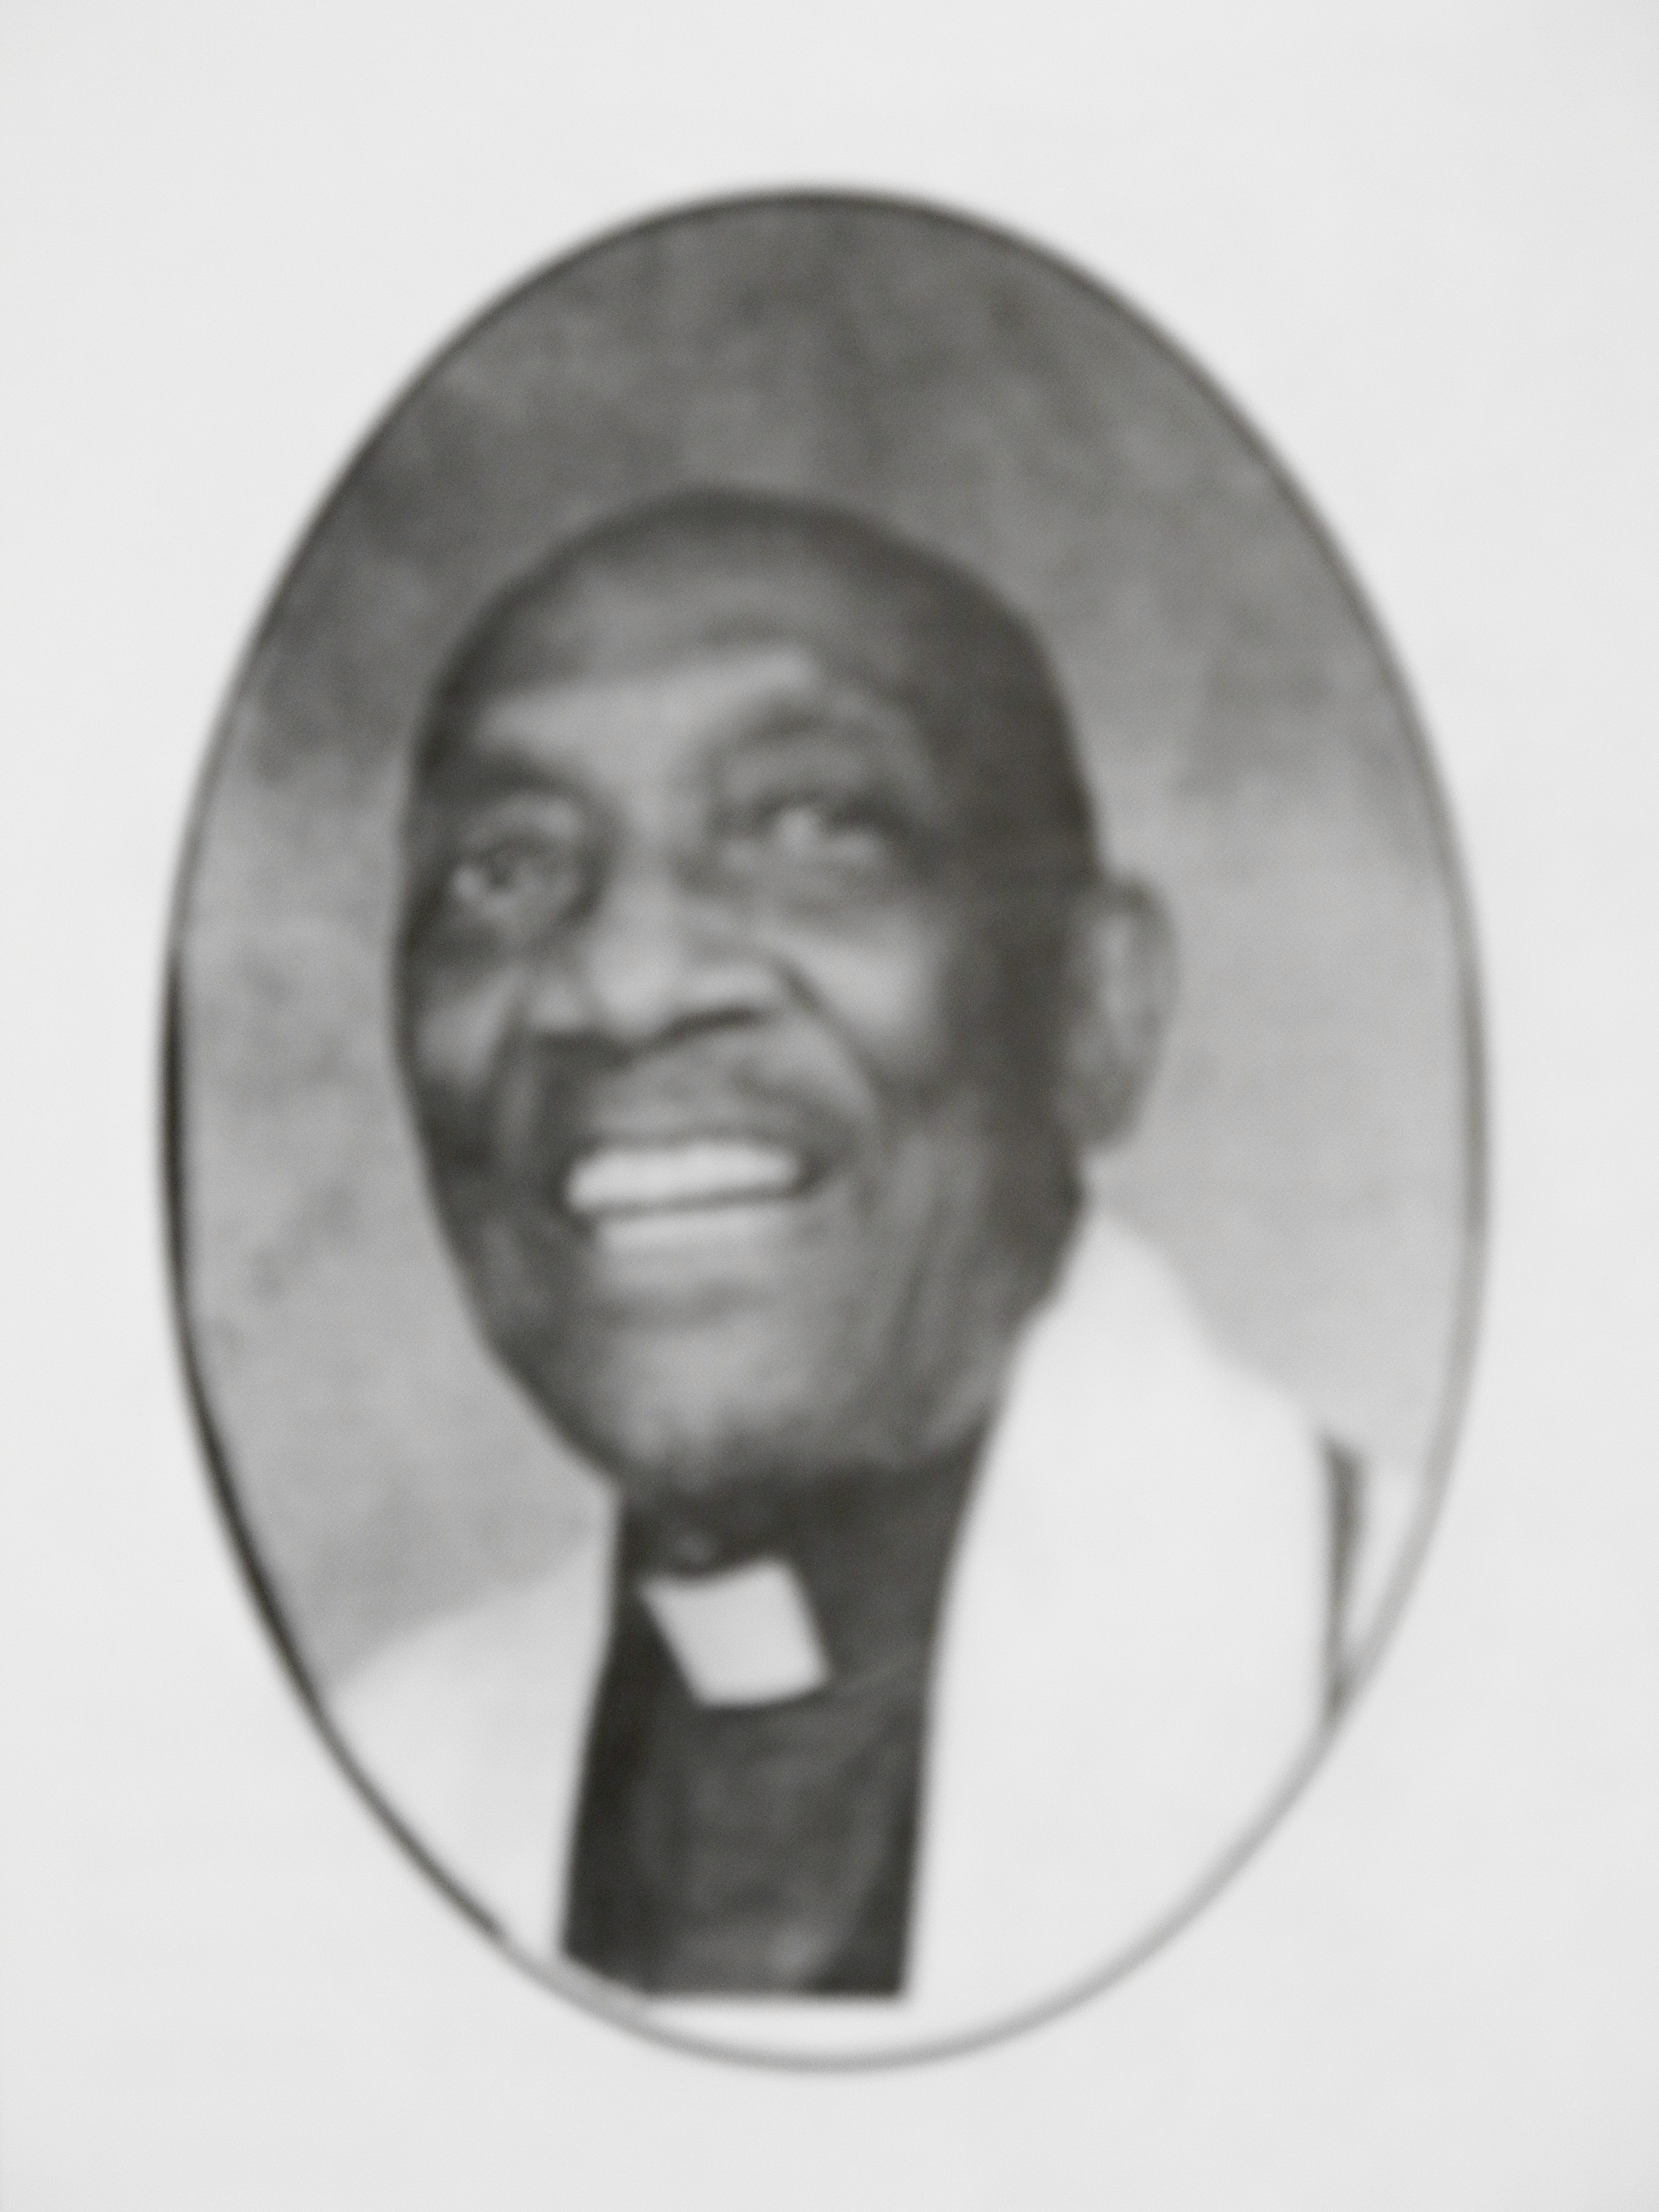 District Elder Nelson Miller